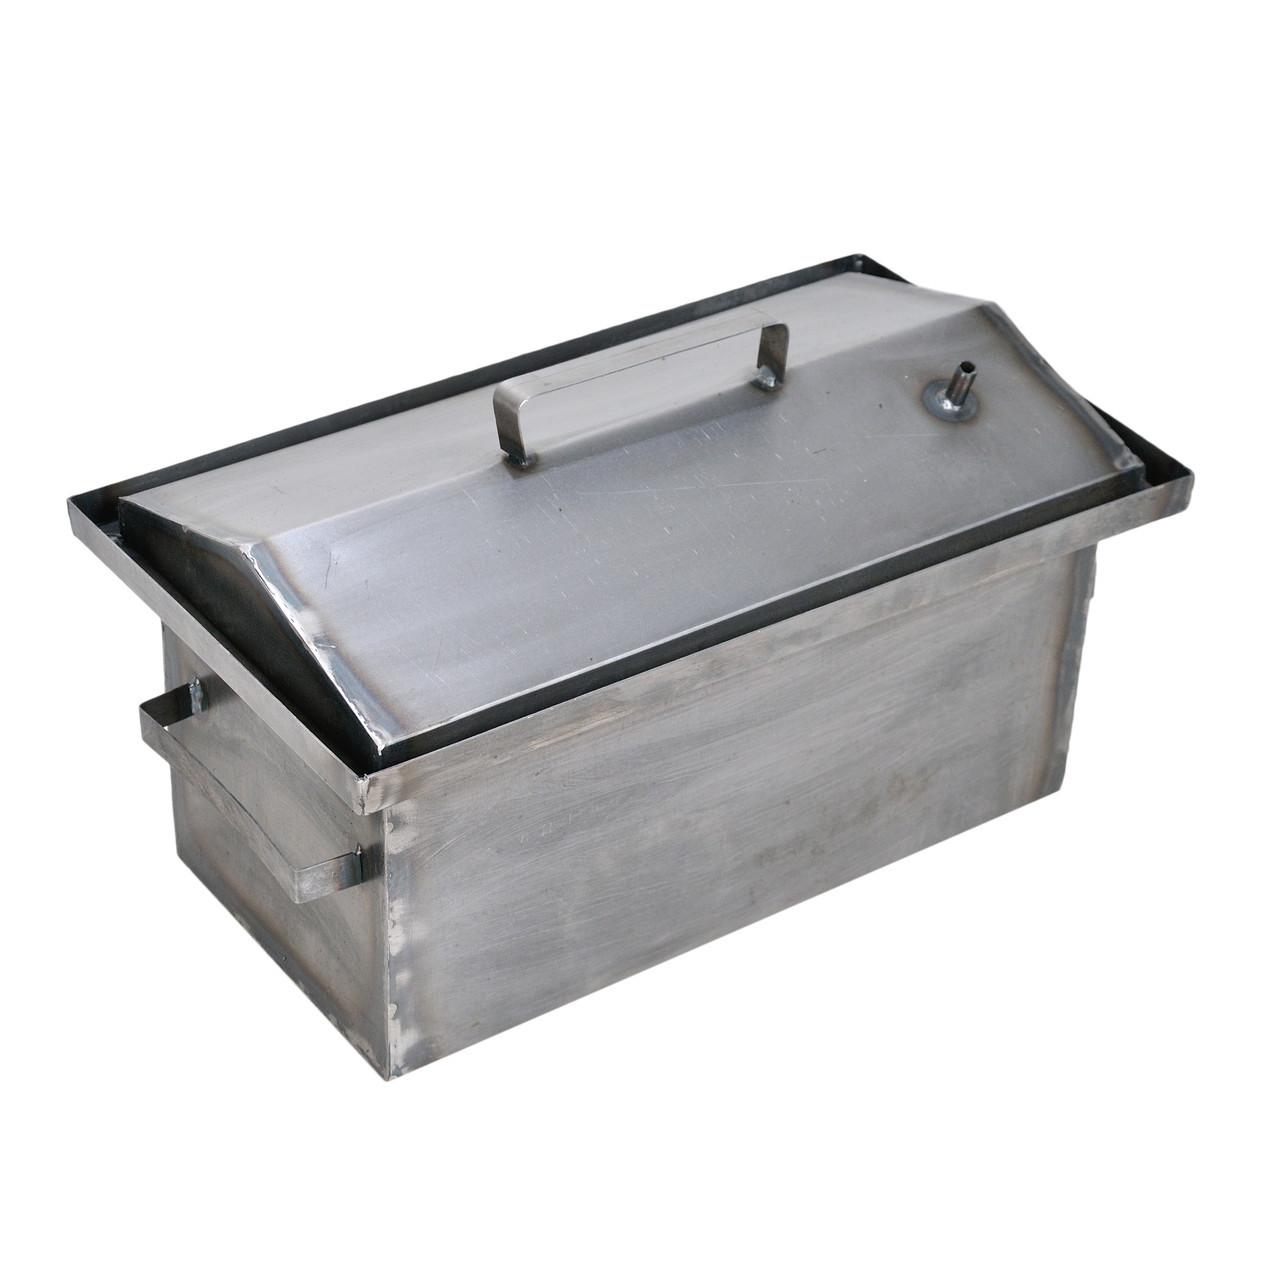 Коптильня горячего копчения Гидрозатвор (РК-242545) (1,5мм, 450х260х210мм)